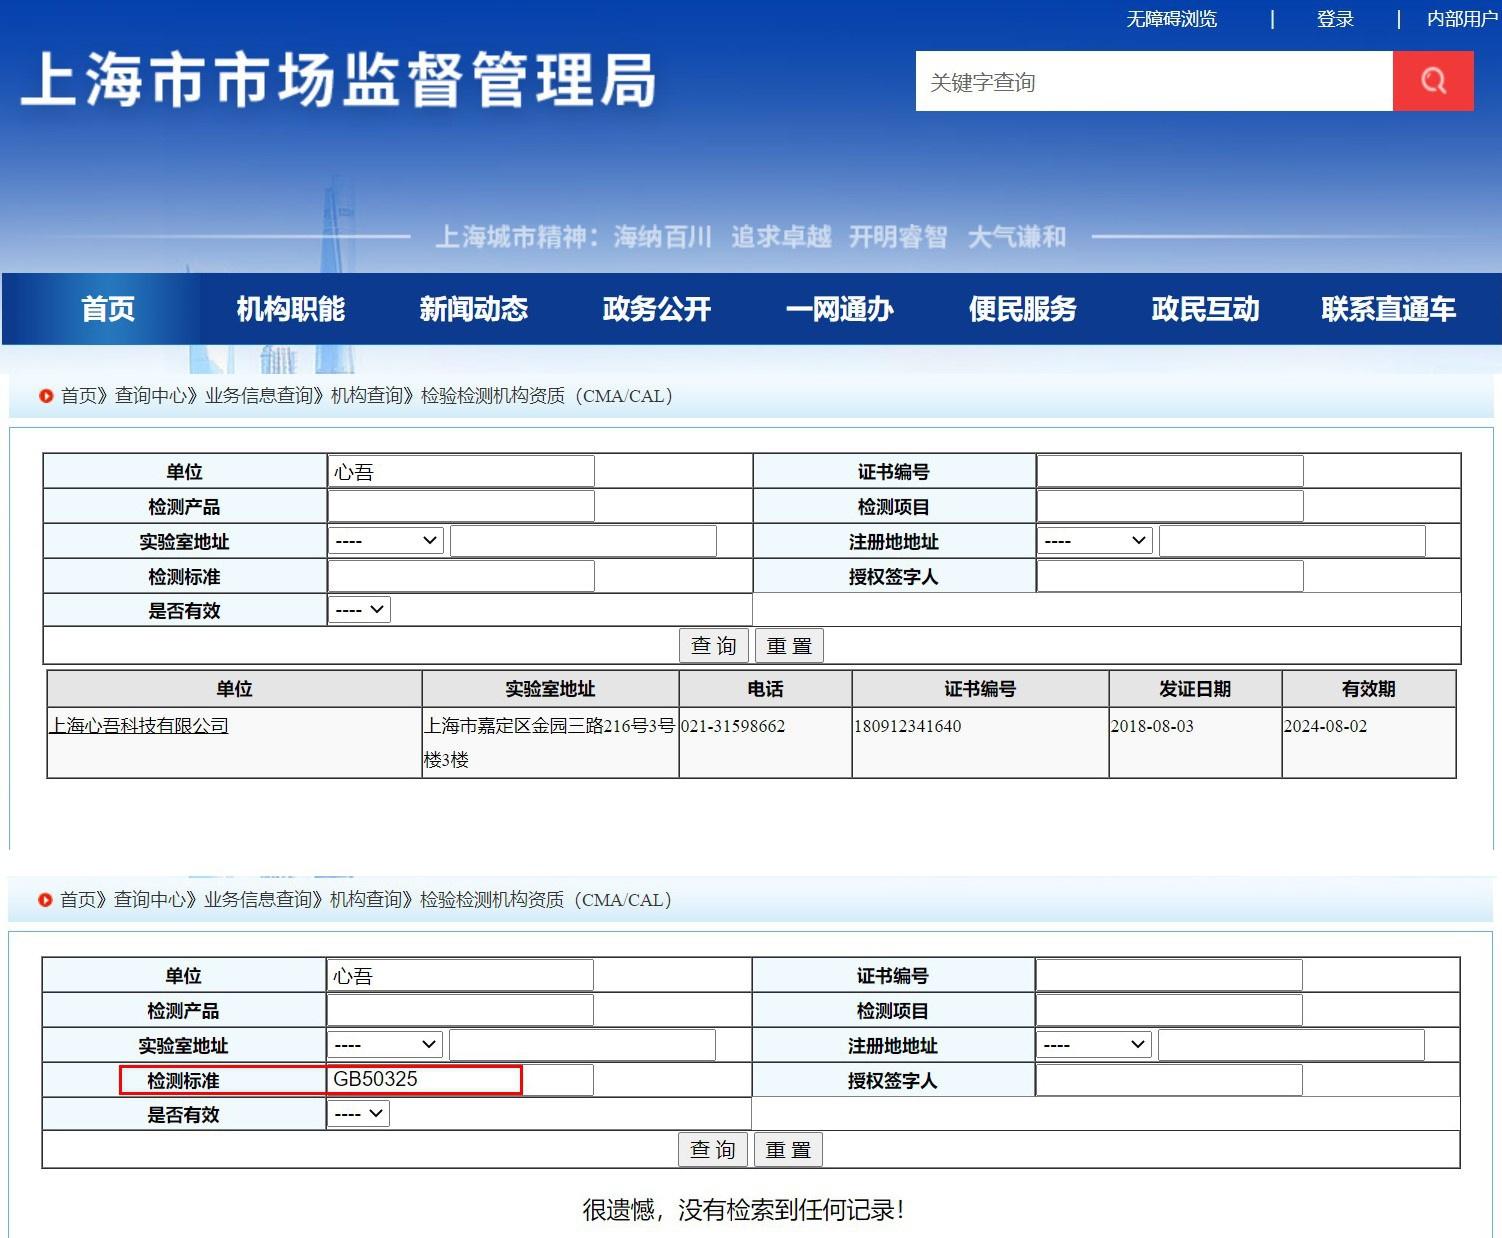 上海市市场监督管理局网站显示,心吾科技具备CMA认证,但认证标准中不包含GB50325。